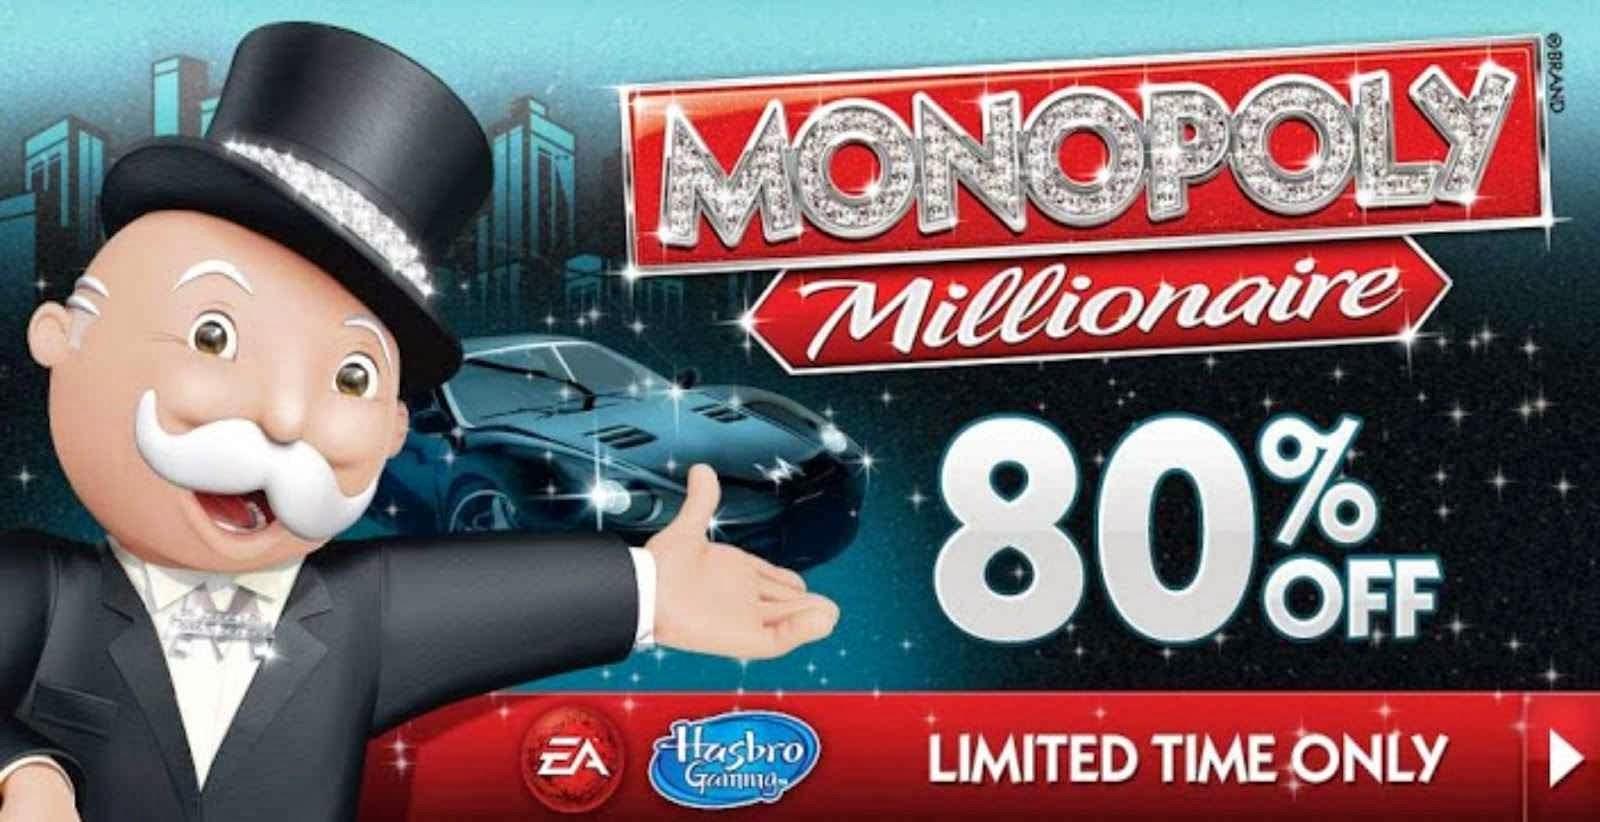 MONOPOLY Millionaire Data v1.7.4 Apk Full Download [Update]